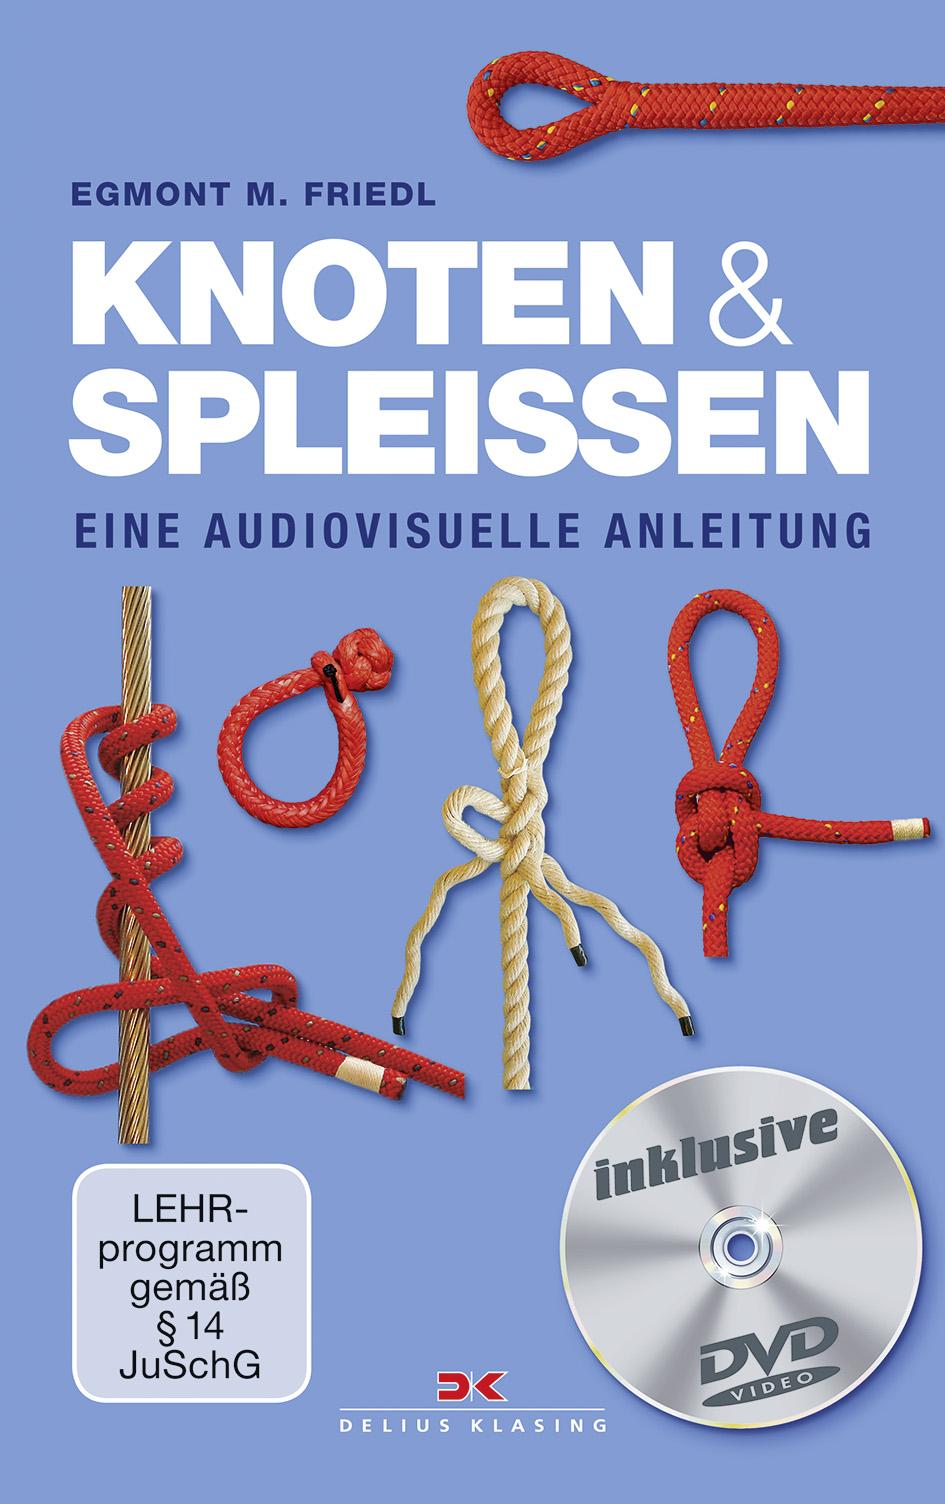 Egmont M. Friedl   Mitmach-Workshop für Segler: Knoten und Spleißen